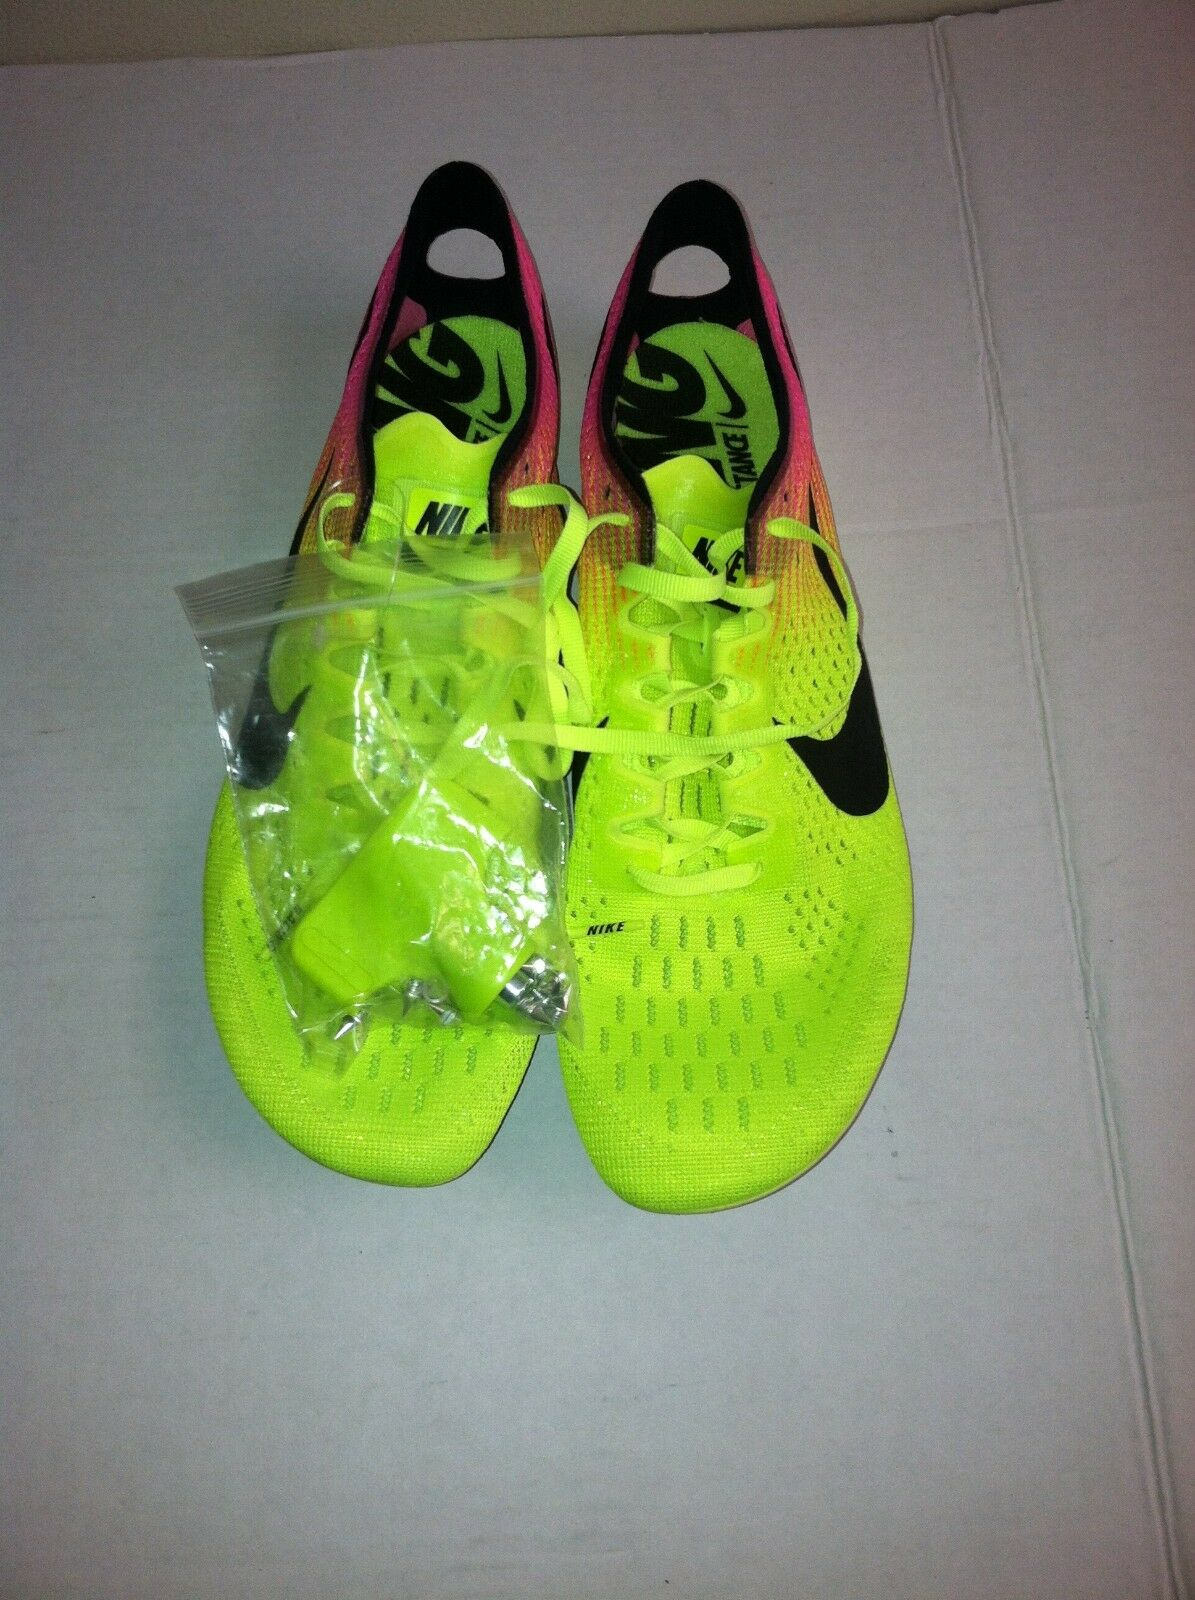 Nike Zoom Victory 3 Track & Field picos Rio Rio Rio Olimpiadas Especiales de tiempo limitado de comodo b48070